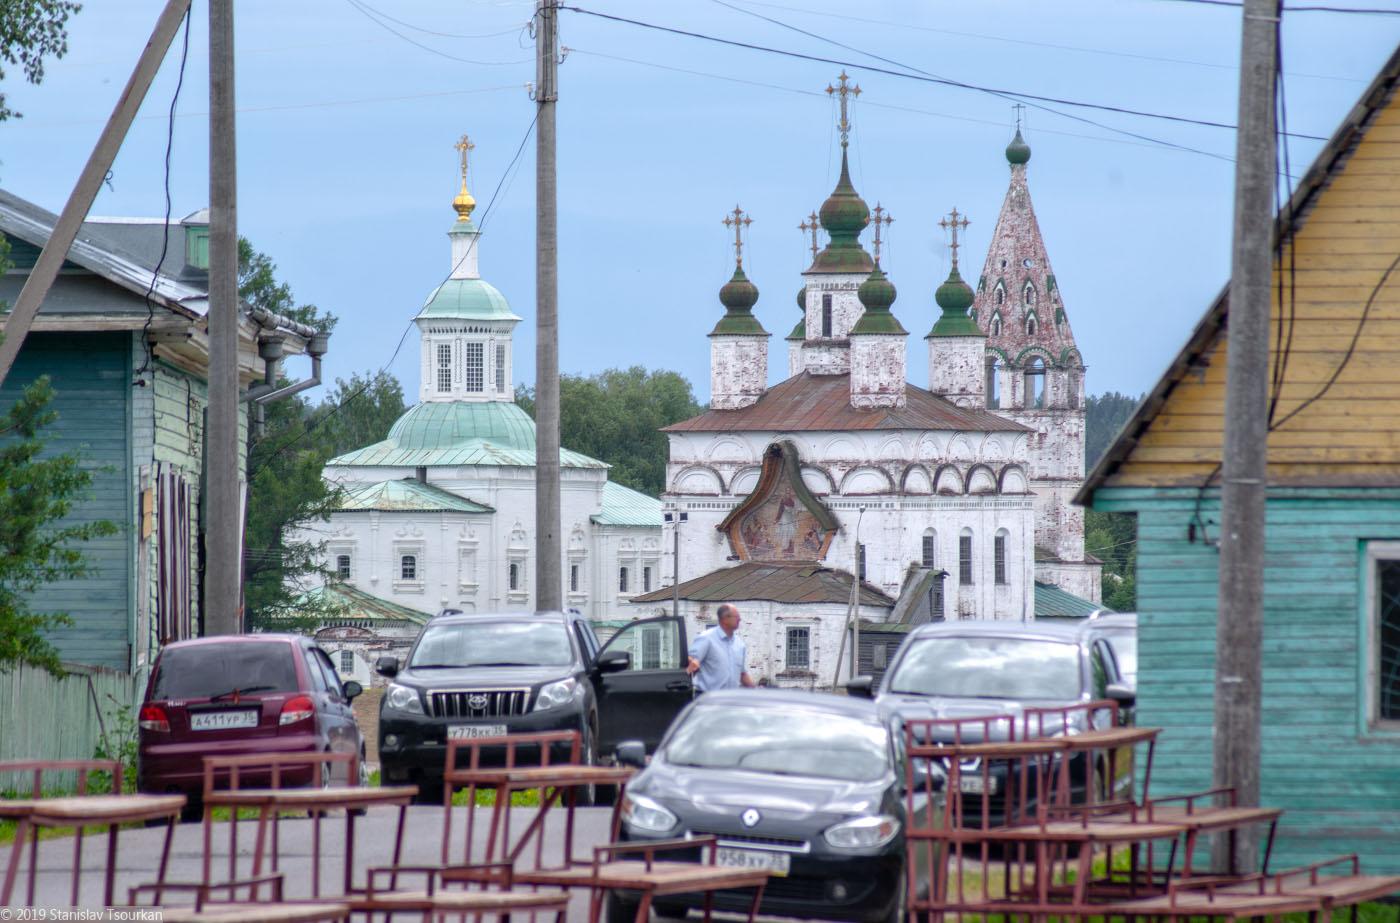 Вологодская область, Вологодчина, Великий устюг, Русский север, Дымково